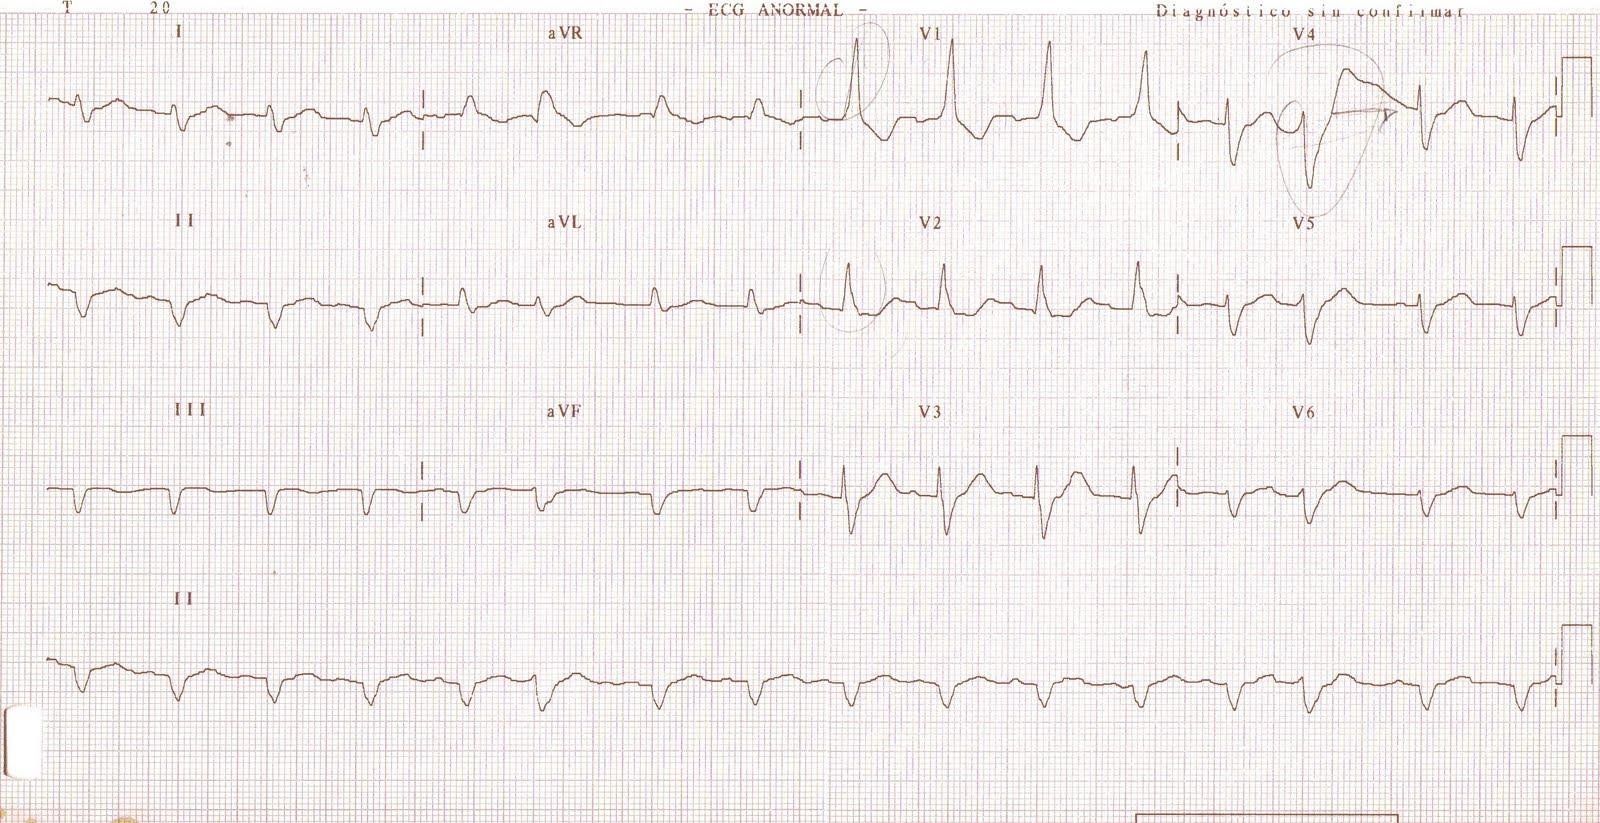 apuntes de cardiolog u00eda  abril 2011